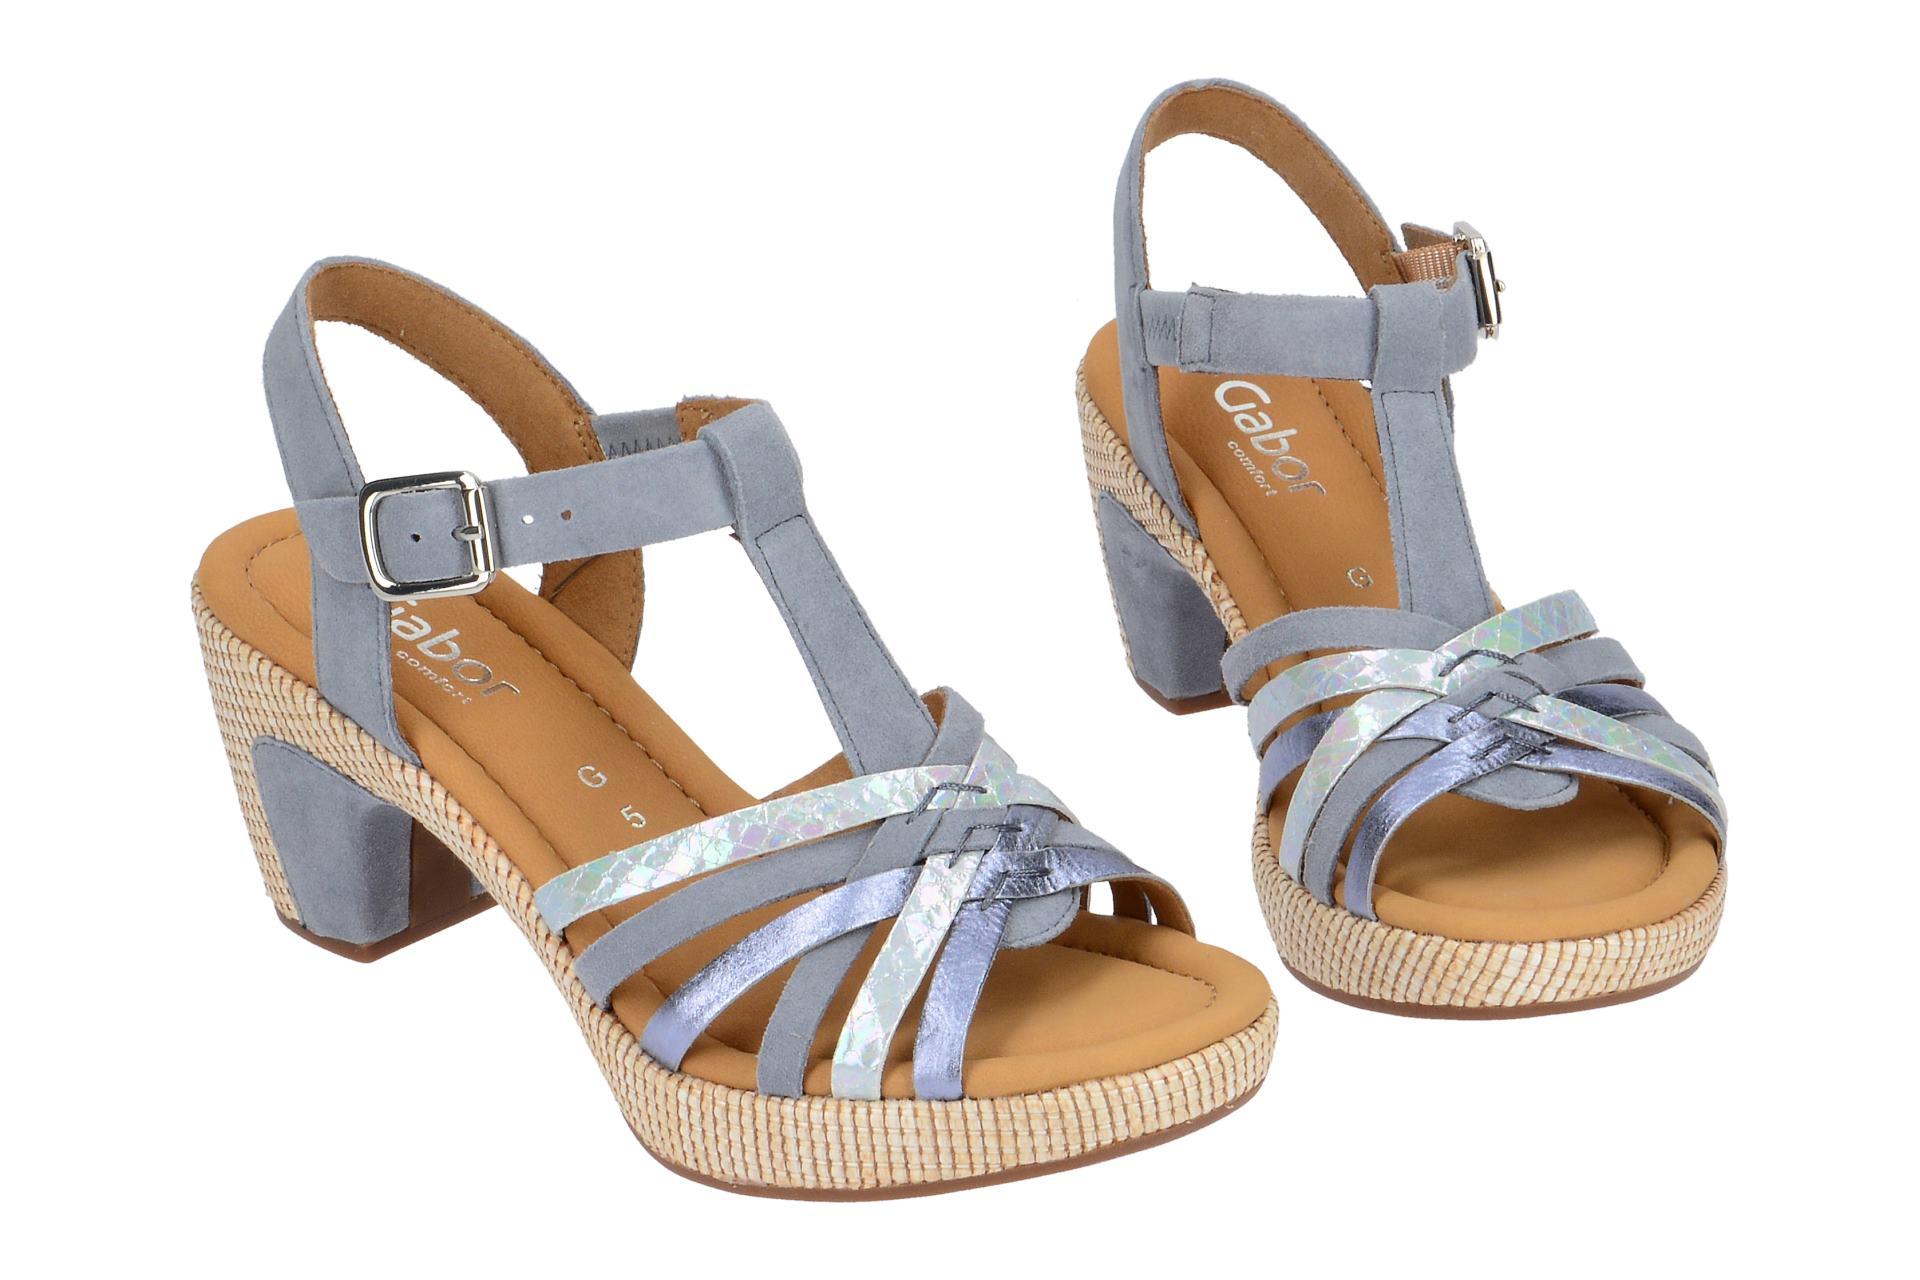 Auslass Manchester Großer Verkauf Gabor ST.TROPEZ Sandalette für Damen in hell-blau - 82.736.16 Verkauf Vermarktbare Erhalten Günstig Online Kaufen XaiV511